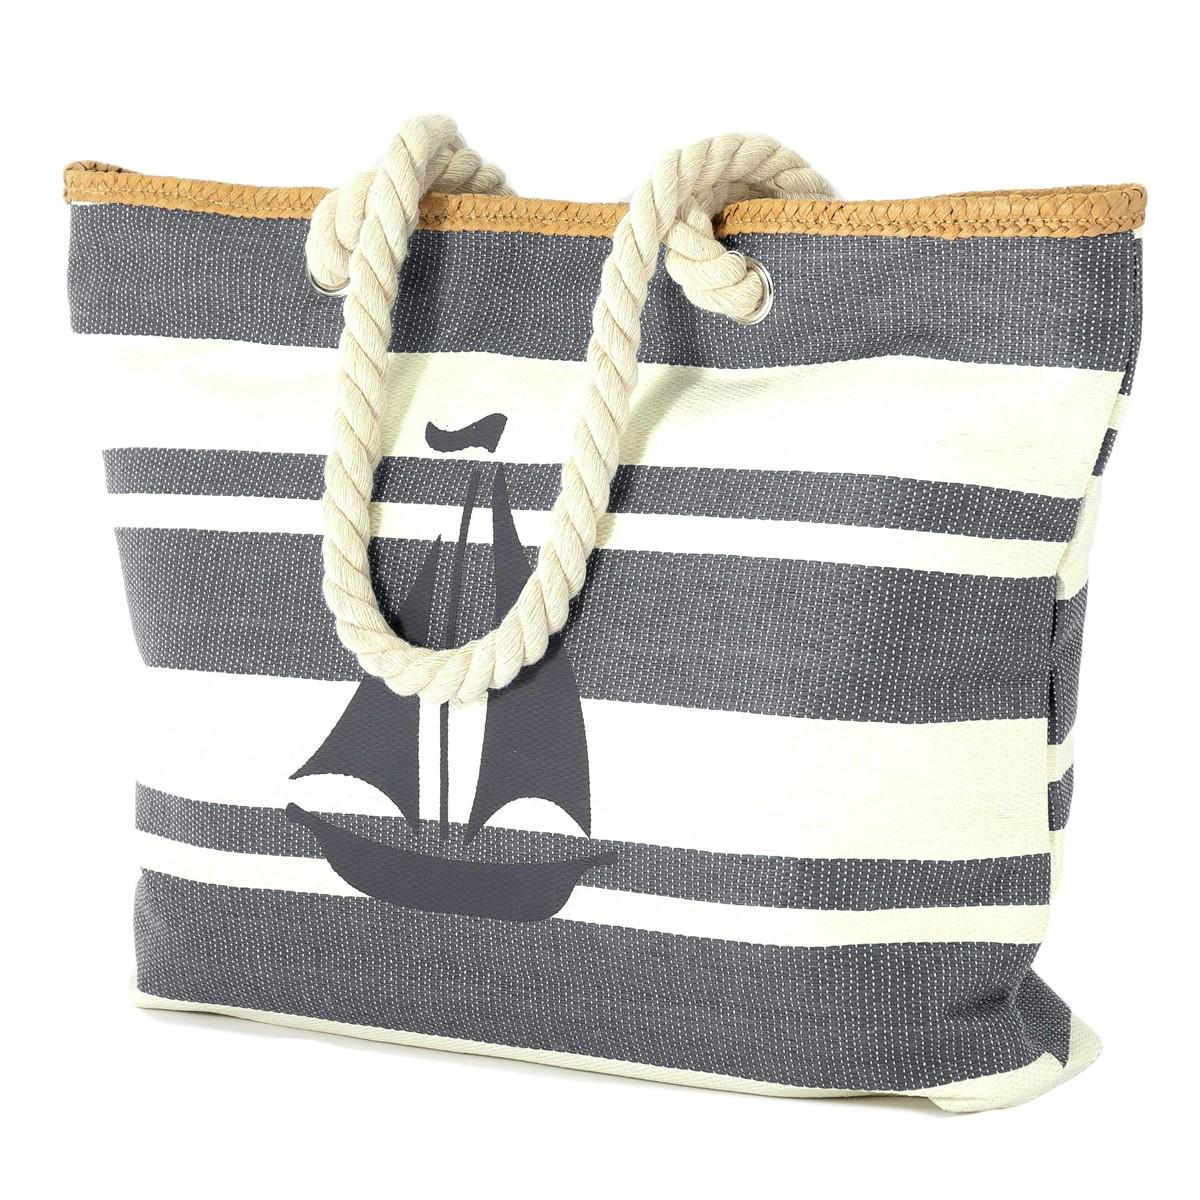 Ψάθινη Τσάντα Παραλίας Benzi 5084 Grey home   θαλάσσης   τσάντες θαλάσσης